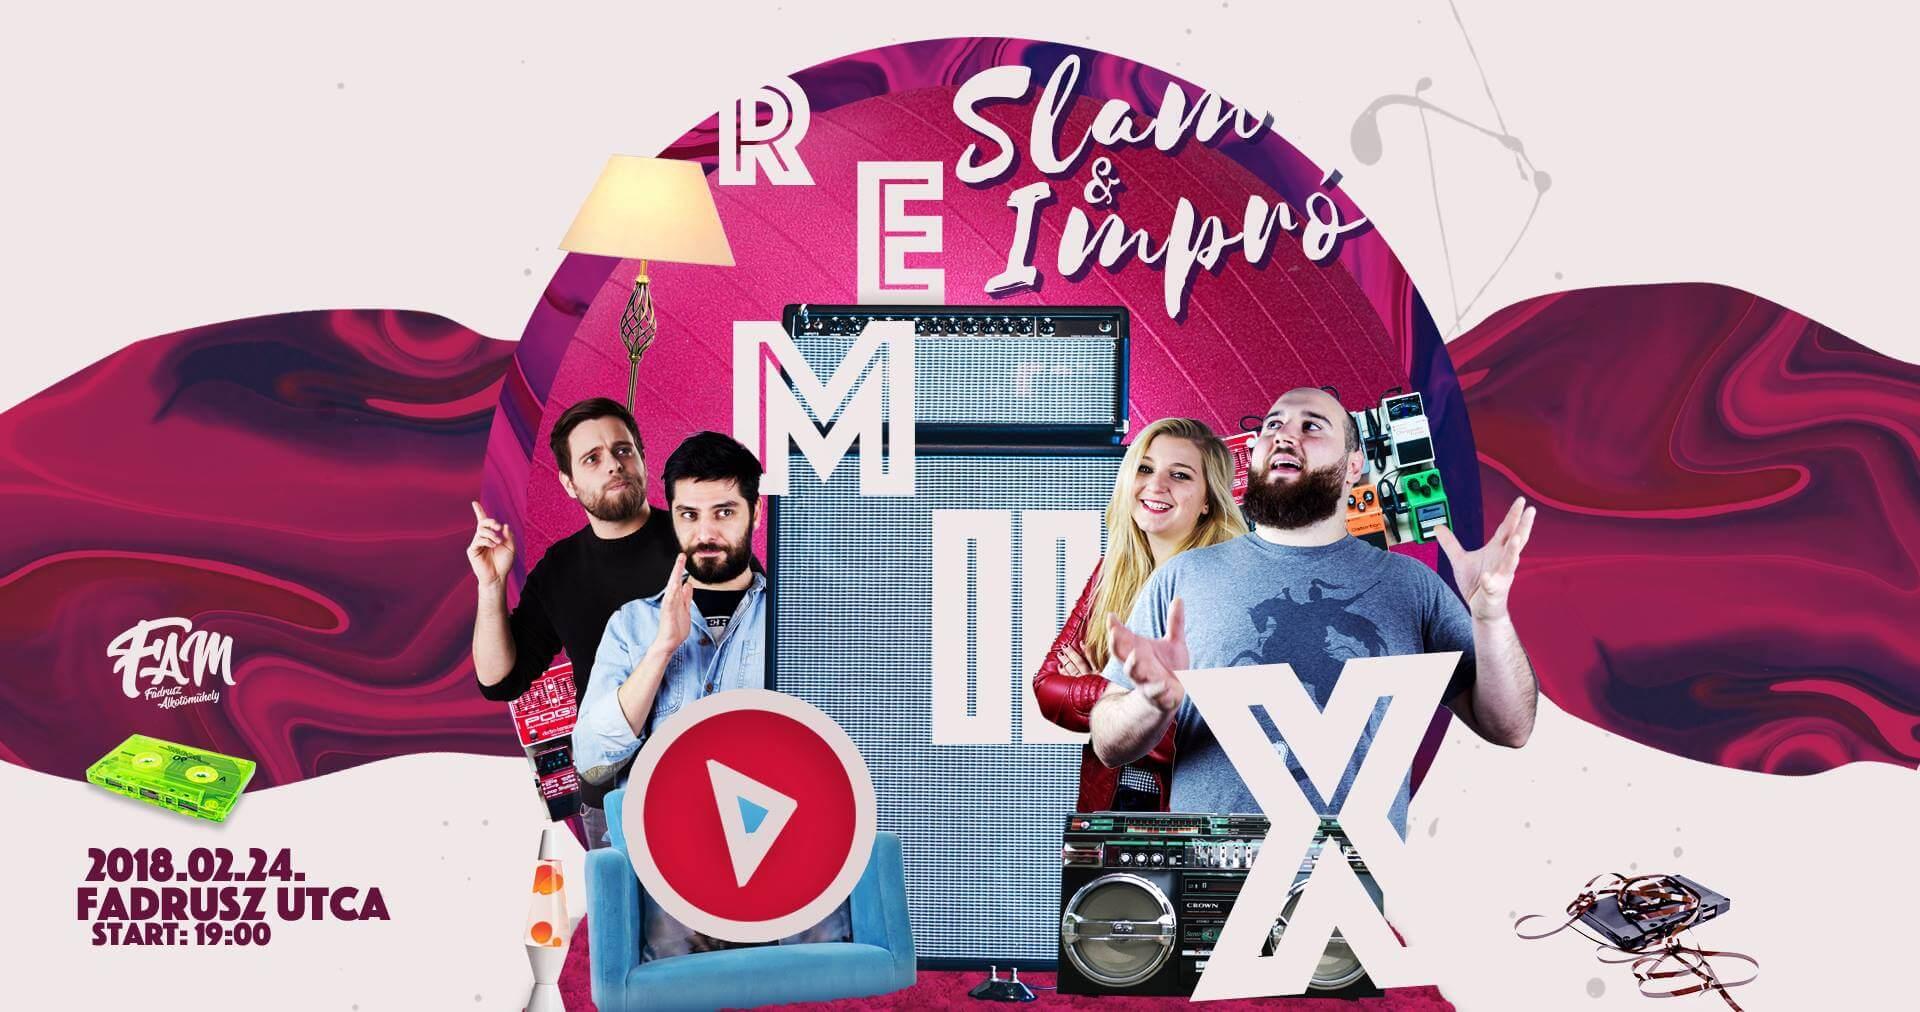 REMIX Premier! – 02.24 @Fam